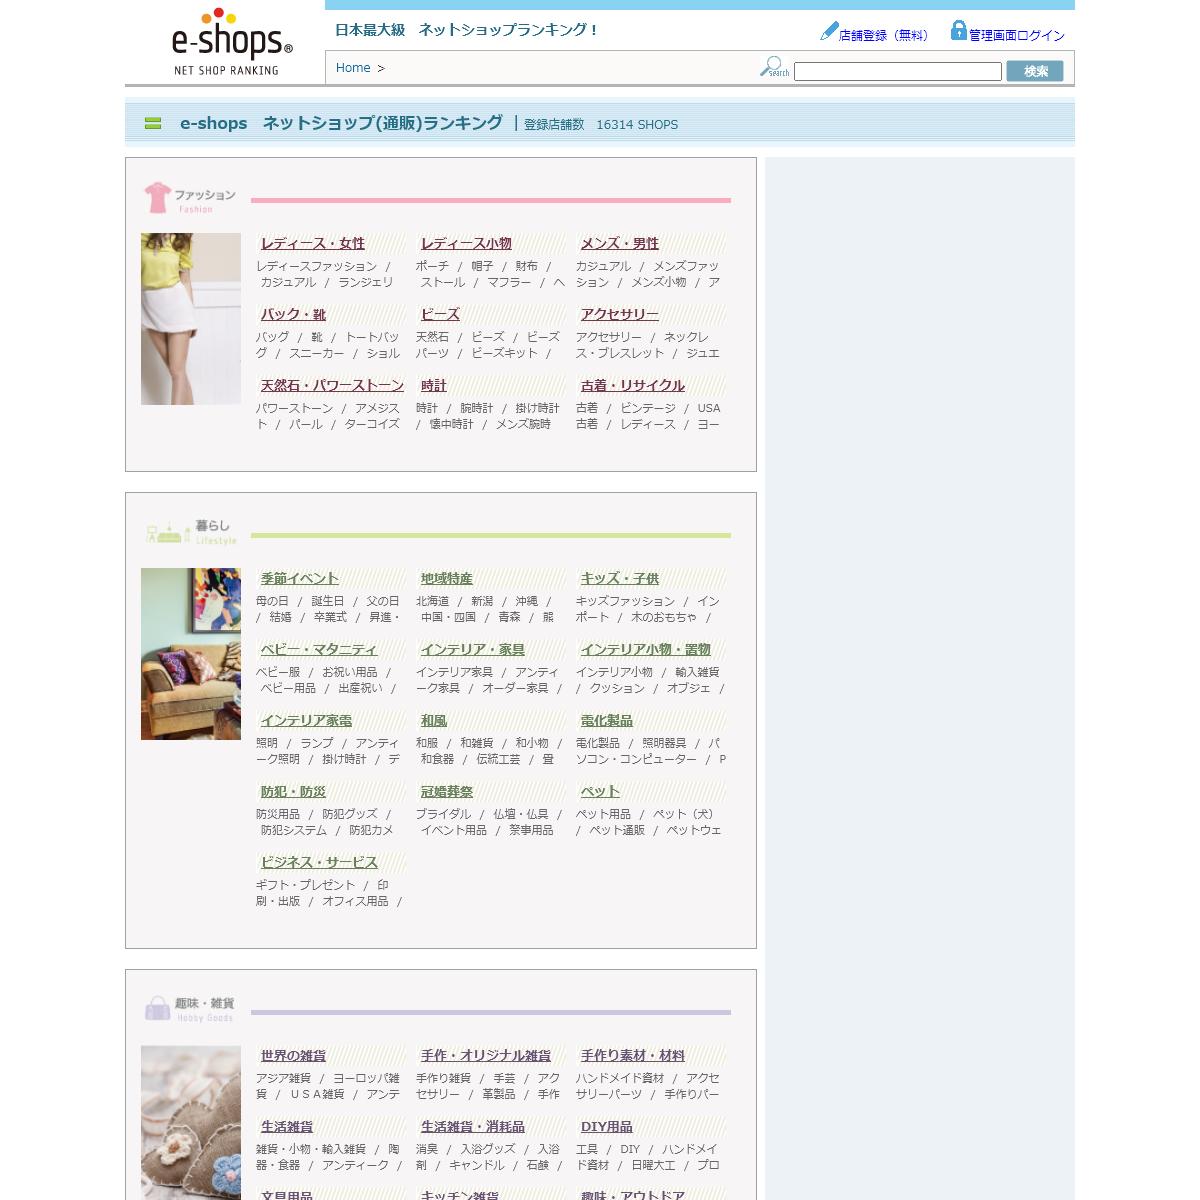 e-shops ネットショップ(通販)ランキング